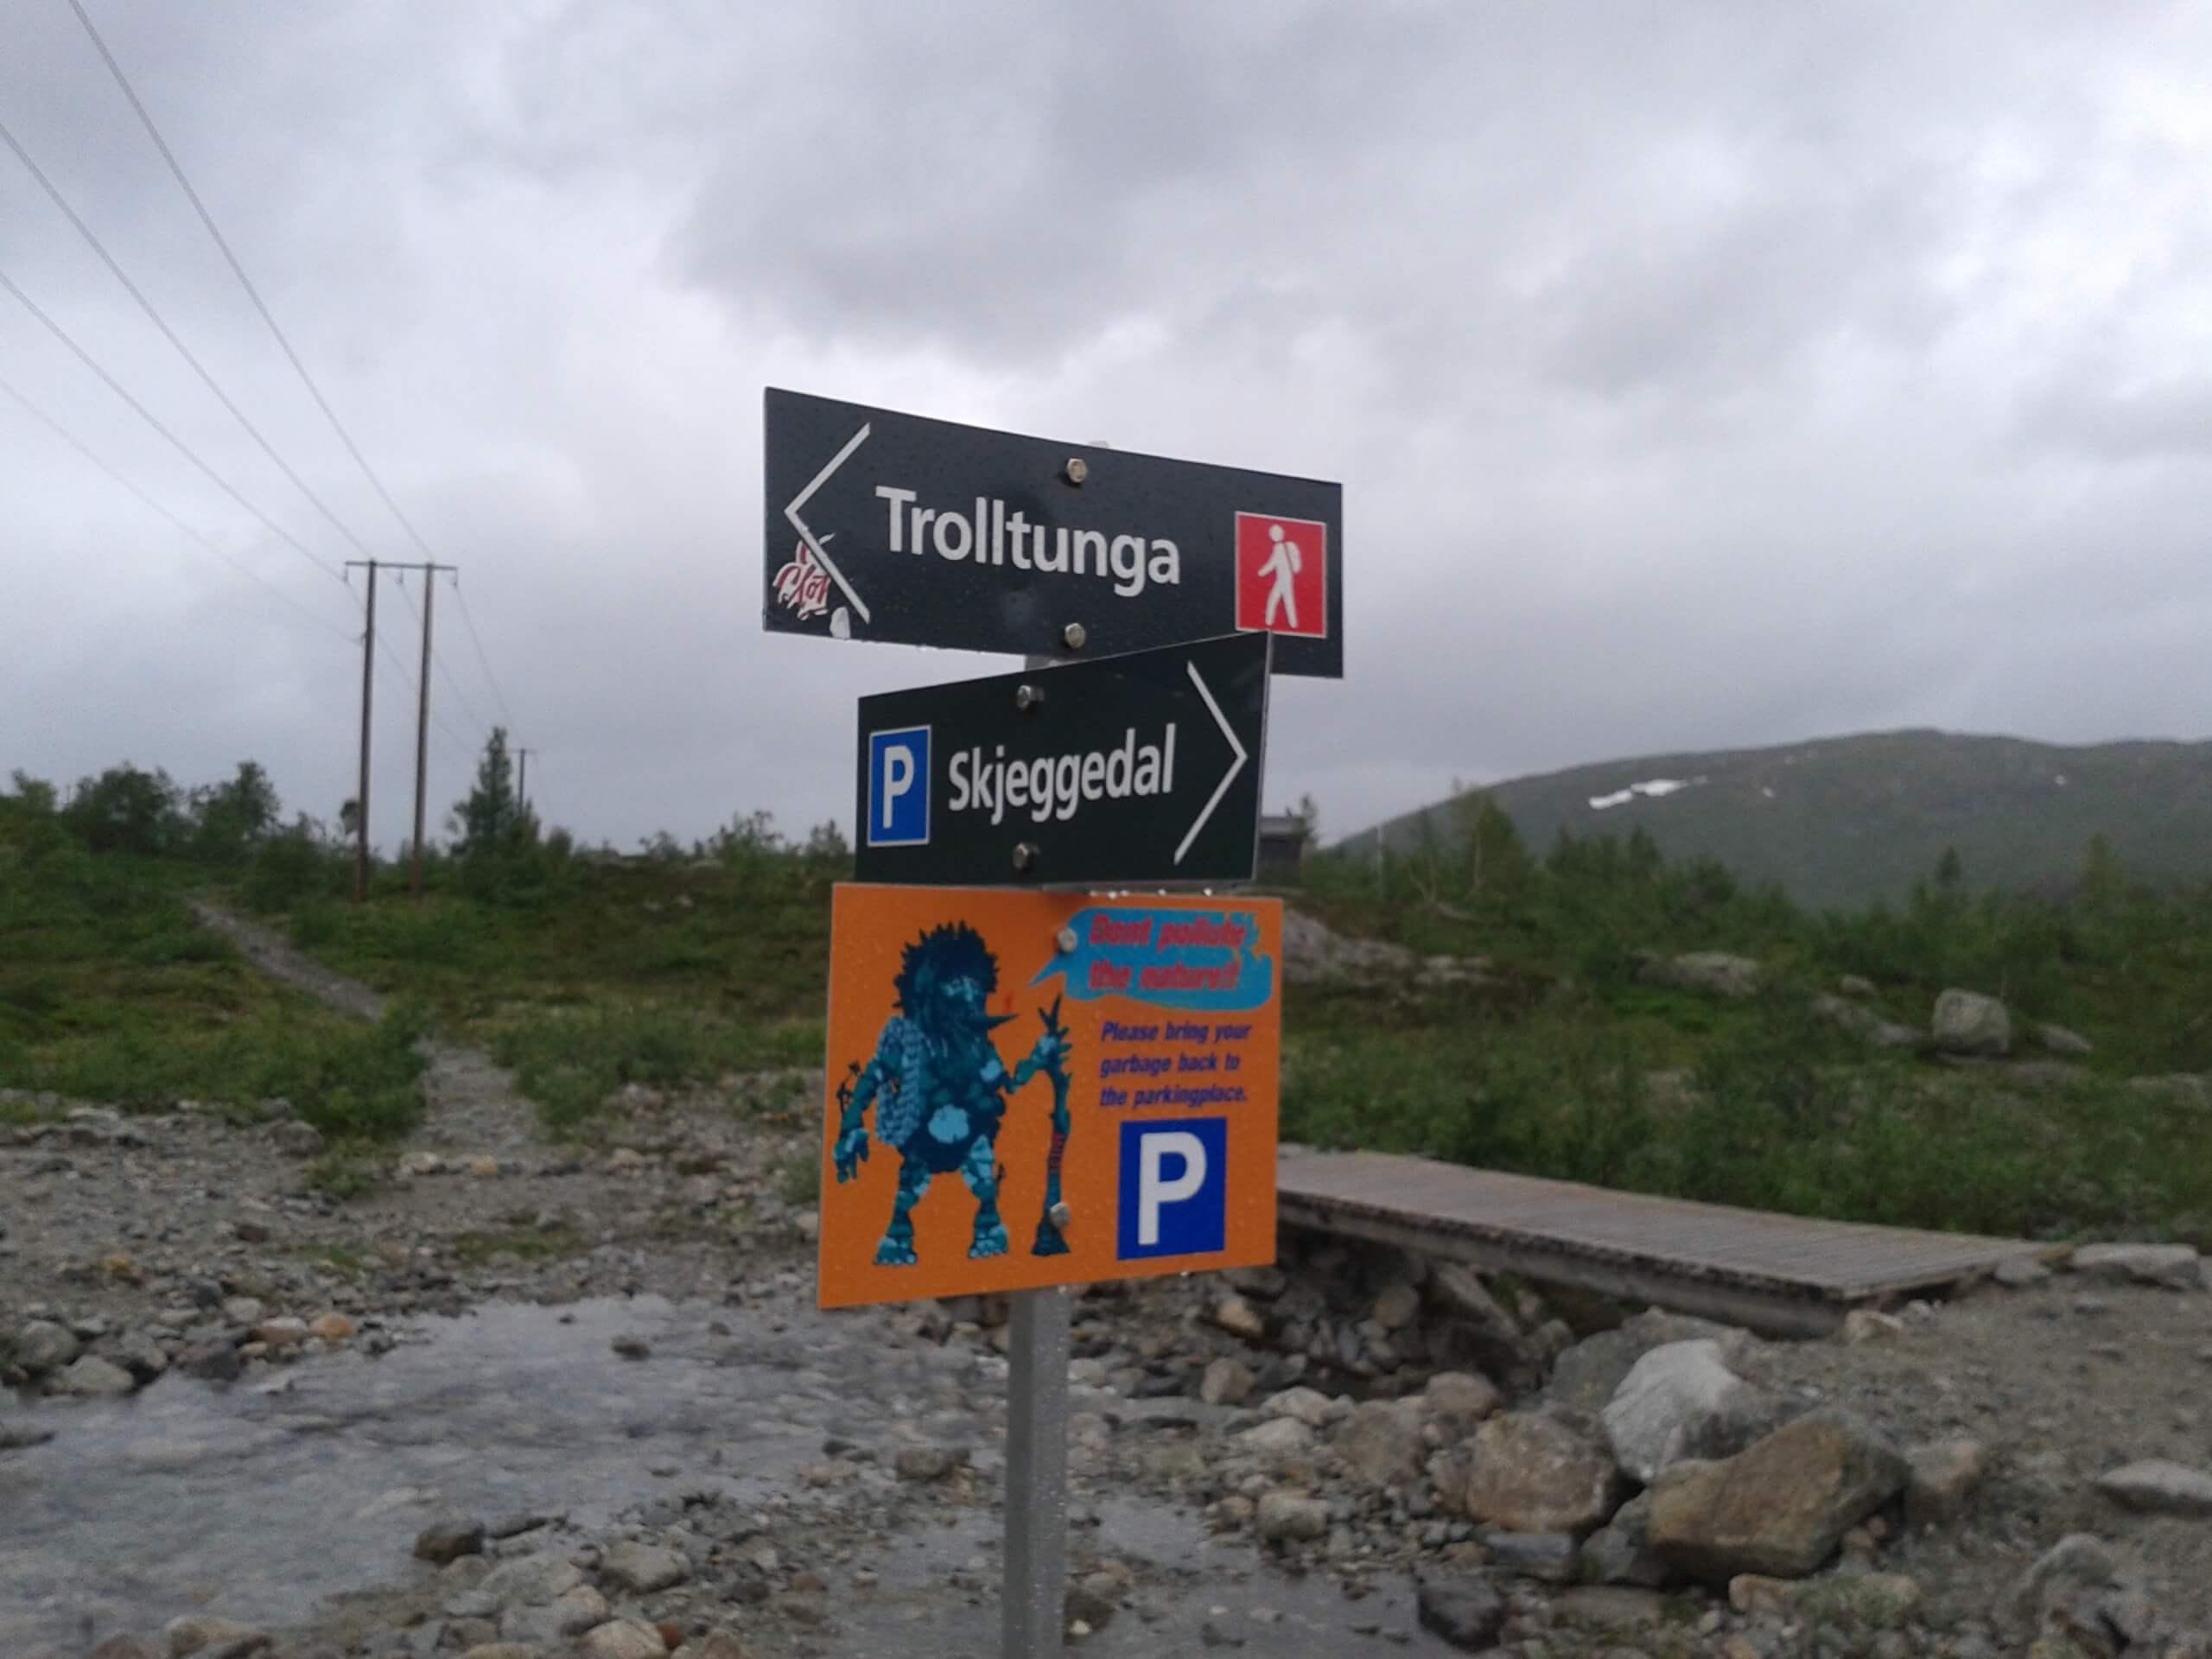 Indicação trilha Trolltunga